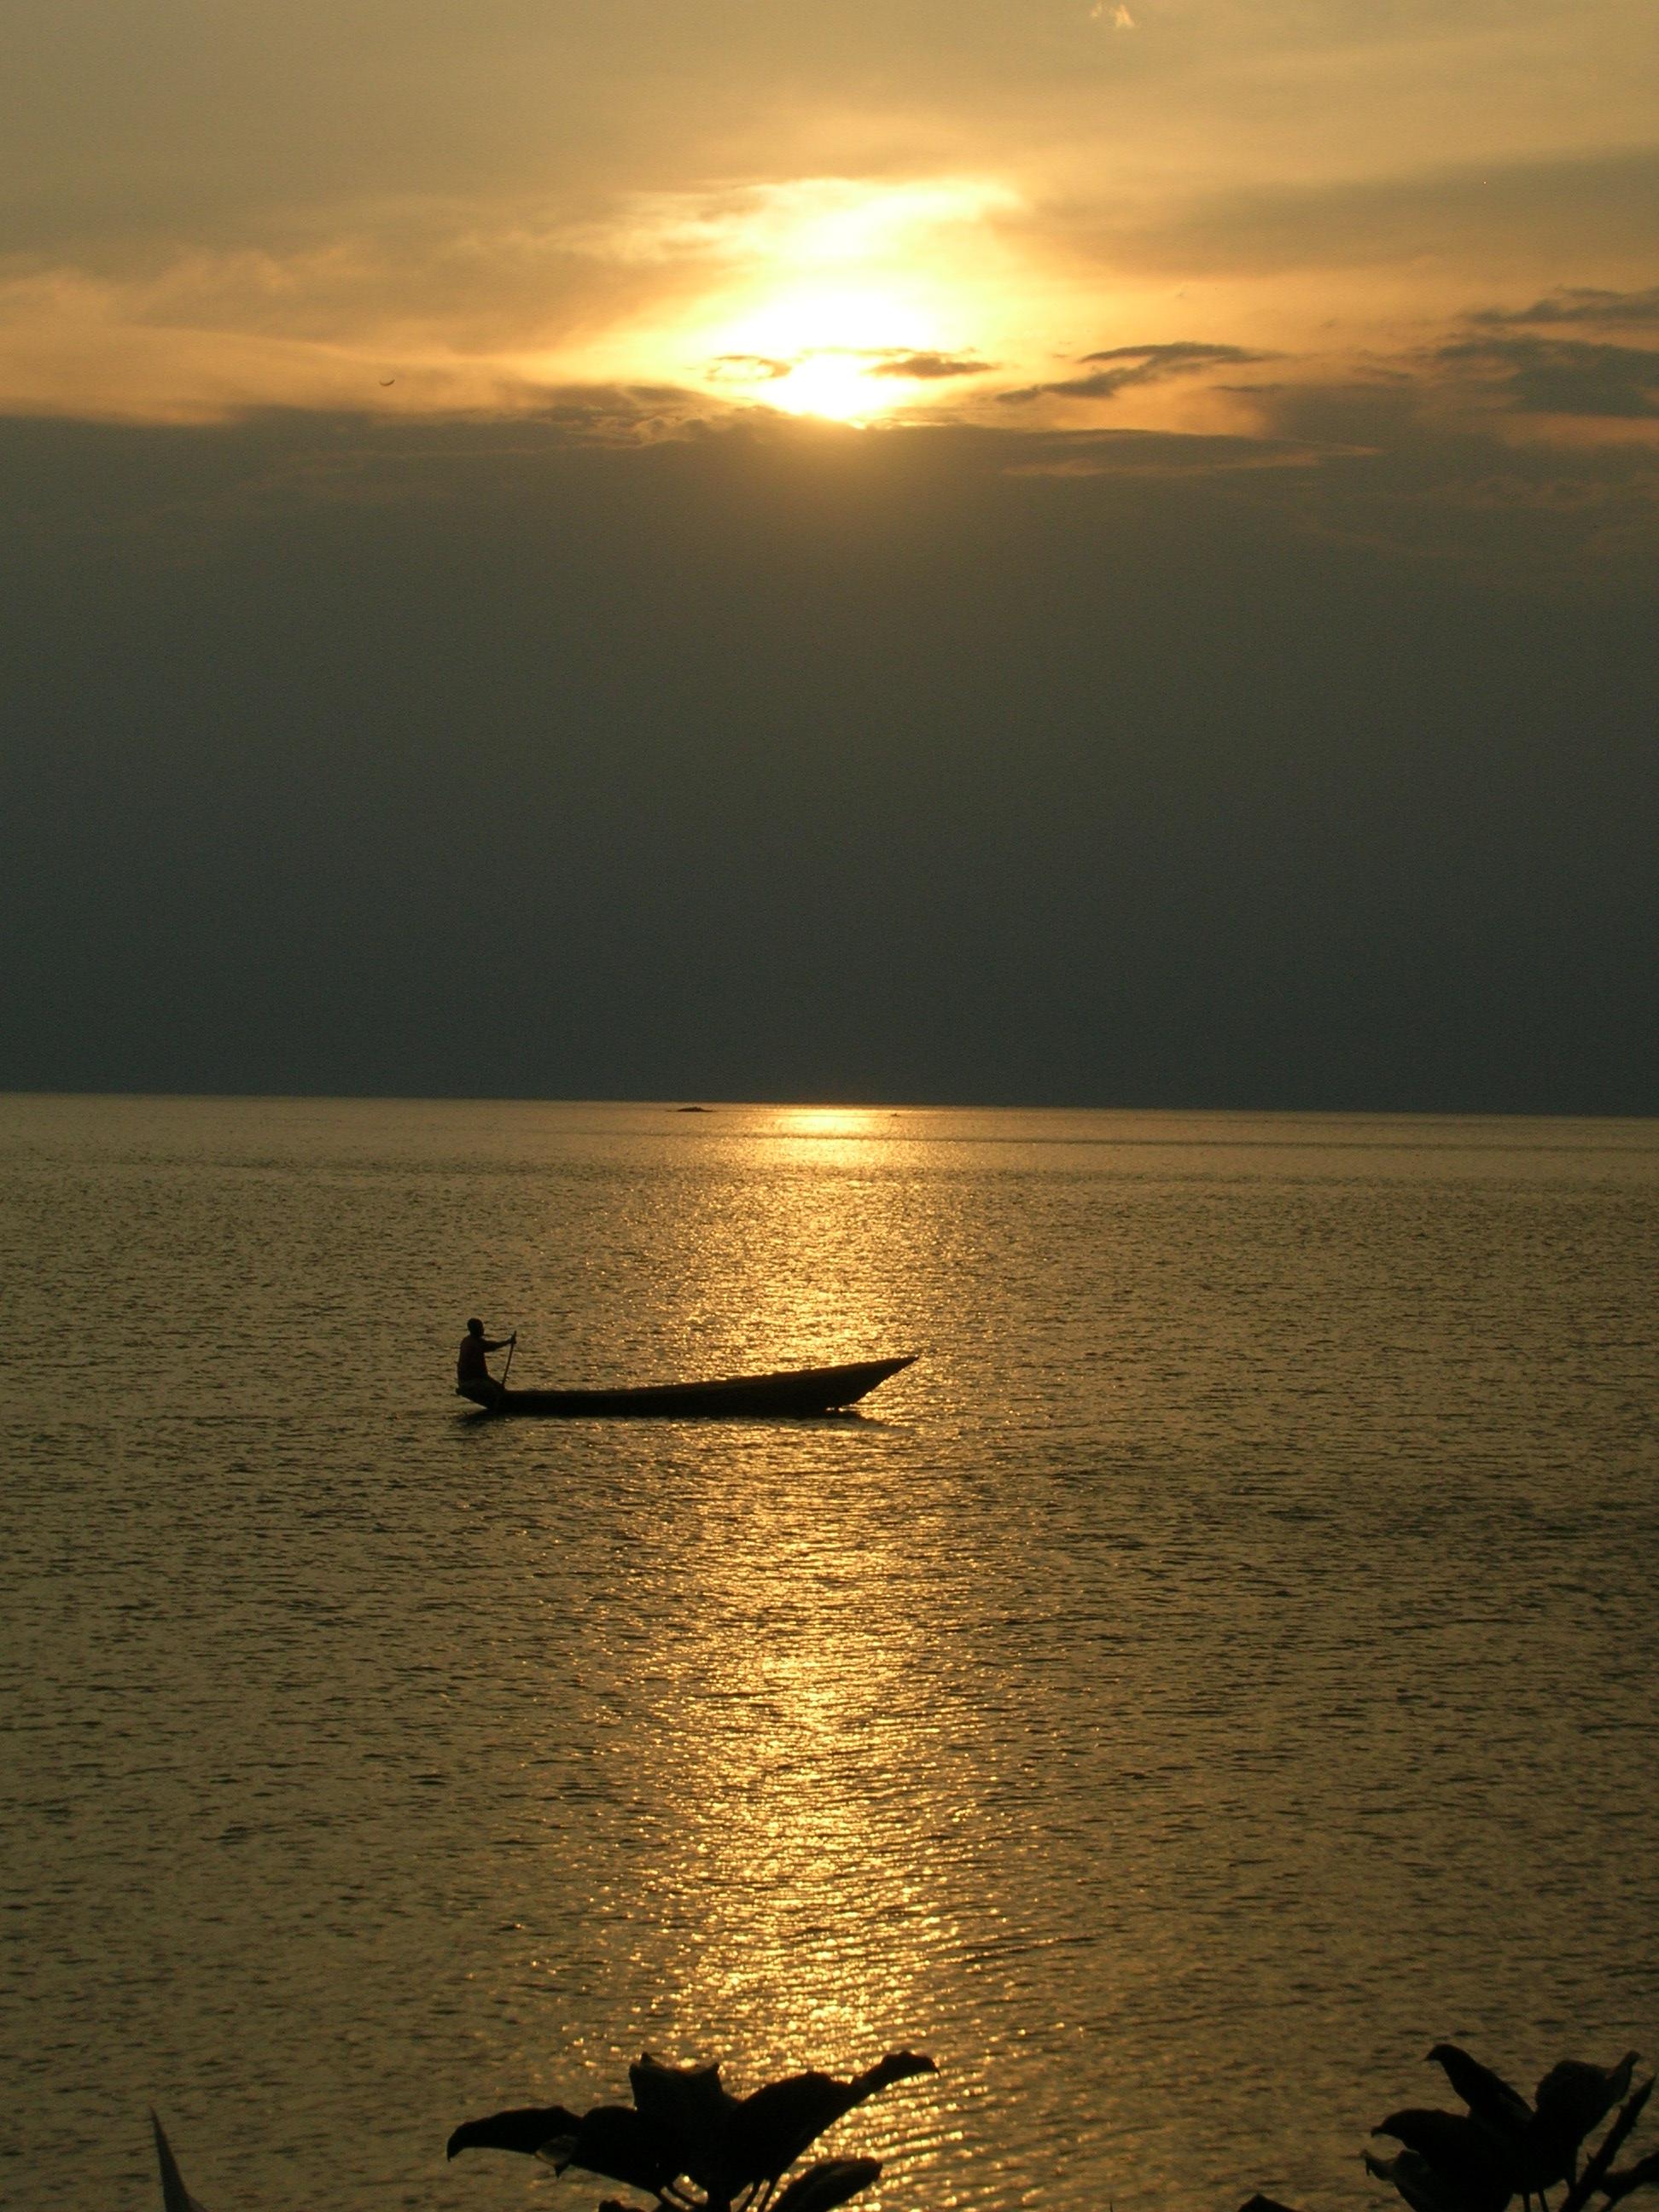 Sunset on Lake Kivu